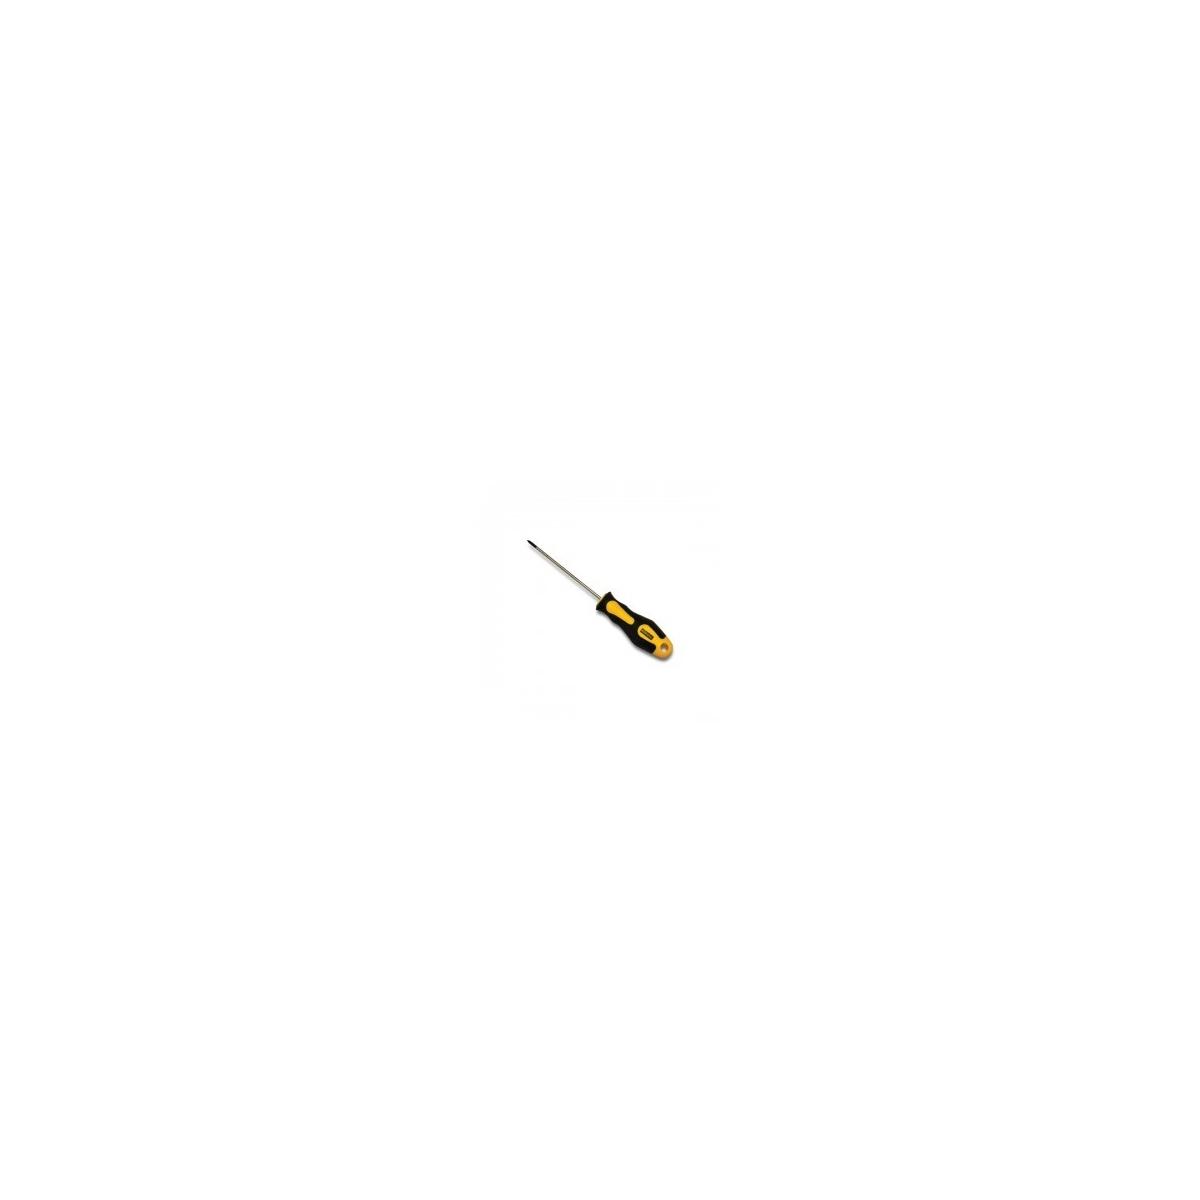 WKRĘTAK COVAL PLUS KRZYŻOWY PHO/75 Wkrętak krzyżowy PLUS PHO x 75 mm COVAL - PPPH-0/75